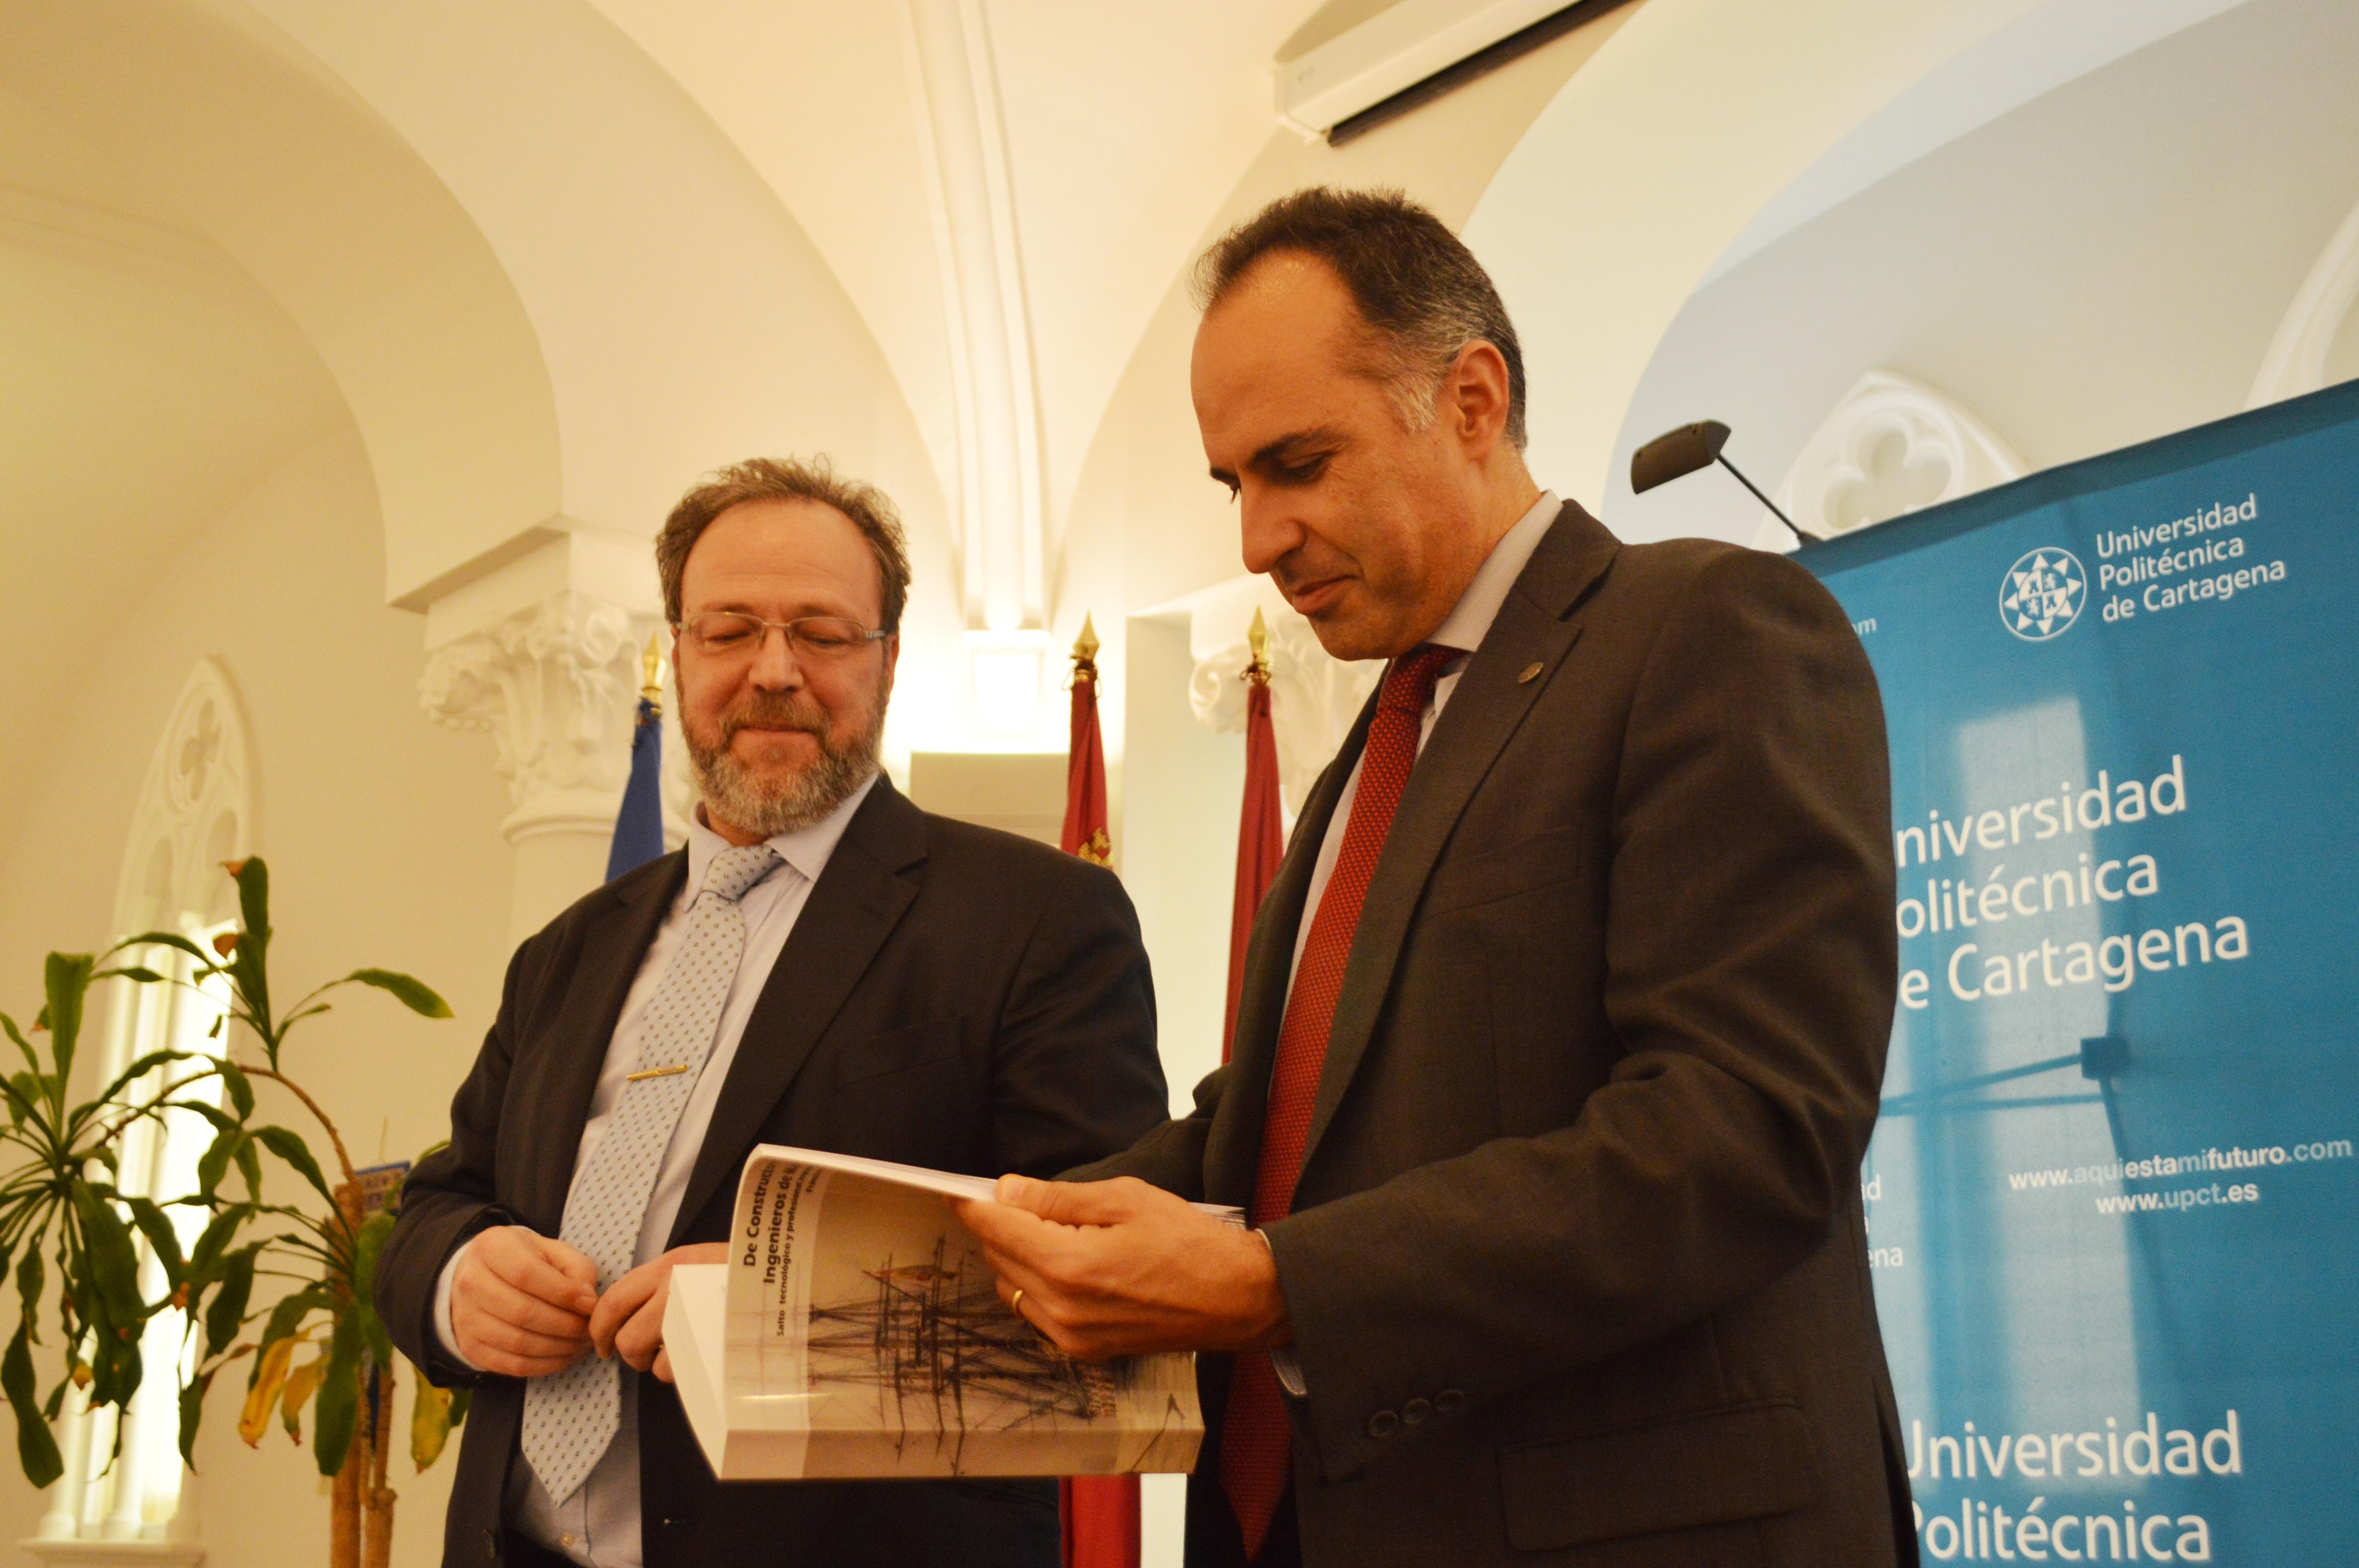 La polit cnica de cartagena y el colegio de ingenieros for Convenio oficinas tecnicas